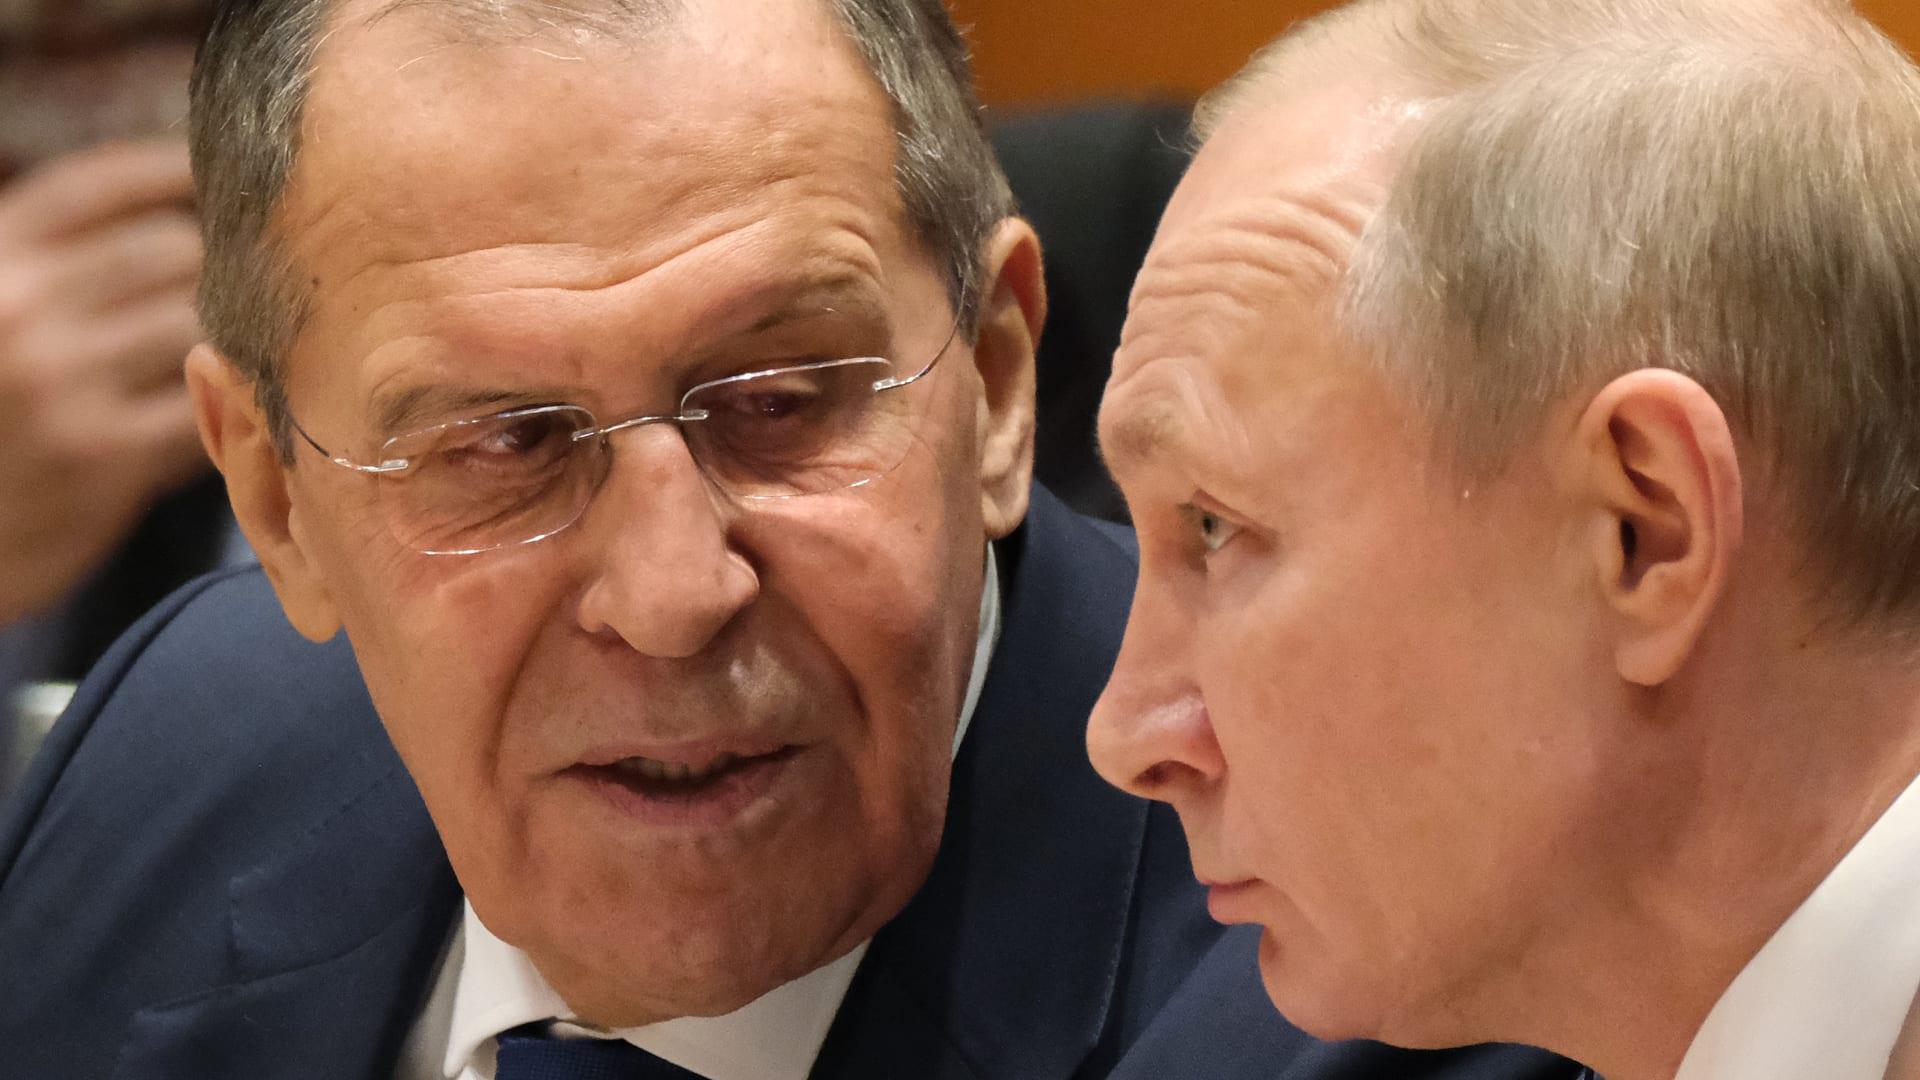 ما سر إقالة بوتين للحكومة الروسية وتعديل الدستور؟